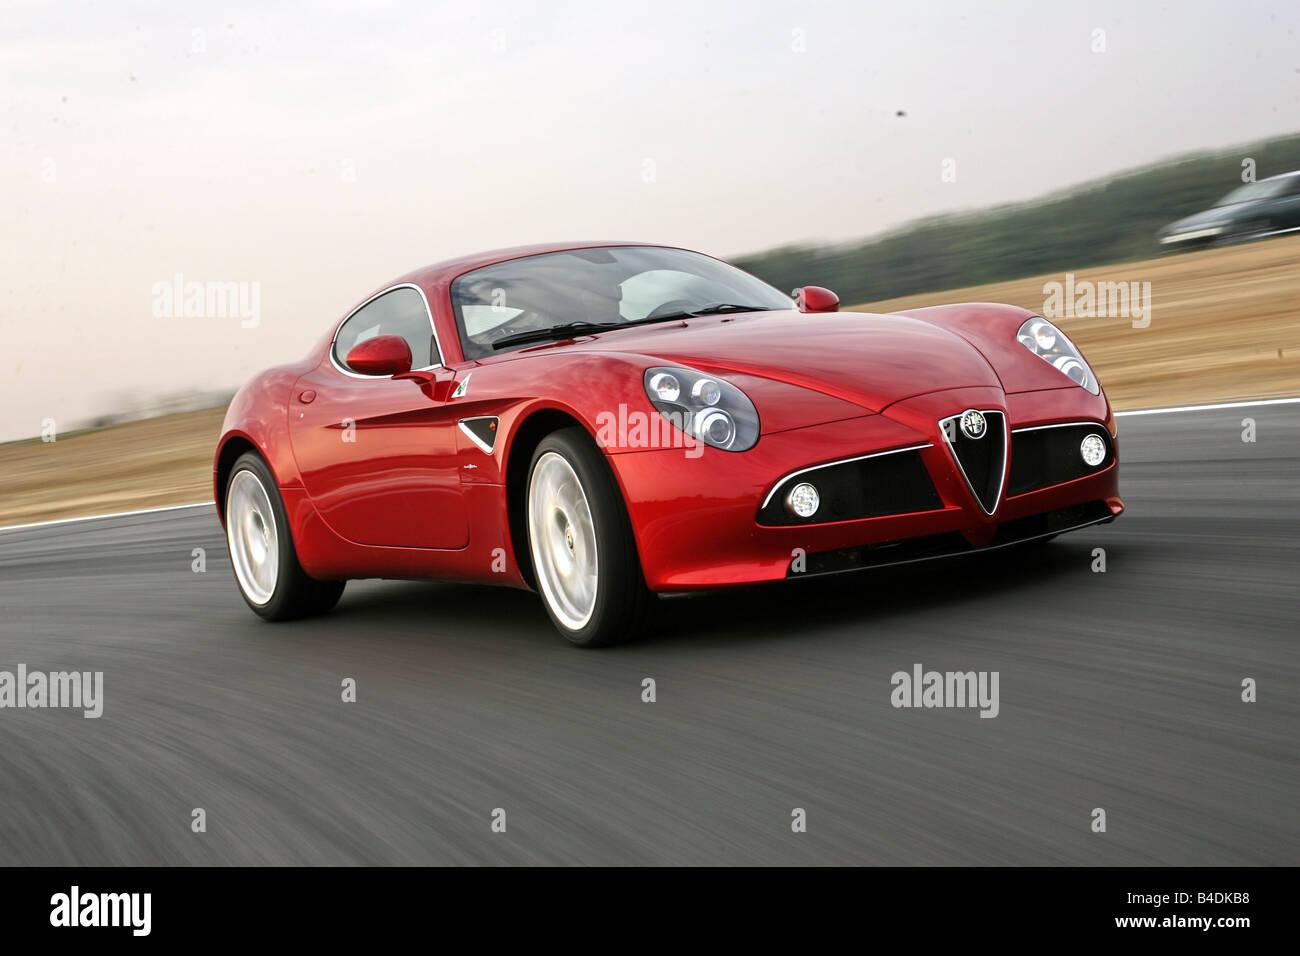 Alfa Romeo 8C, Modell Jahr 2007-rot, fahren, schräg von vorne, Vorderansicht, Einfahr-und Prüfstrecke Stockbild